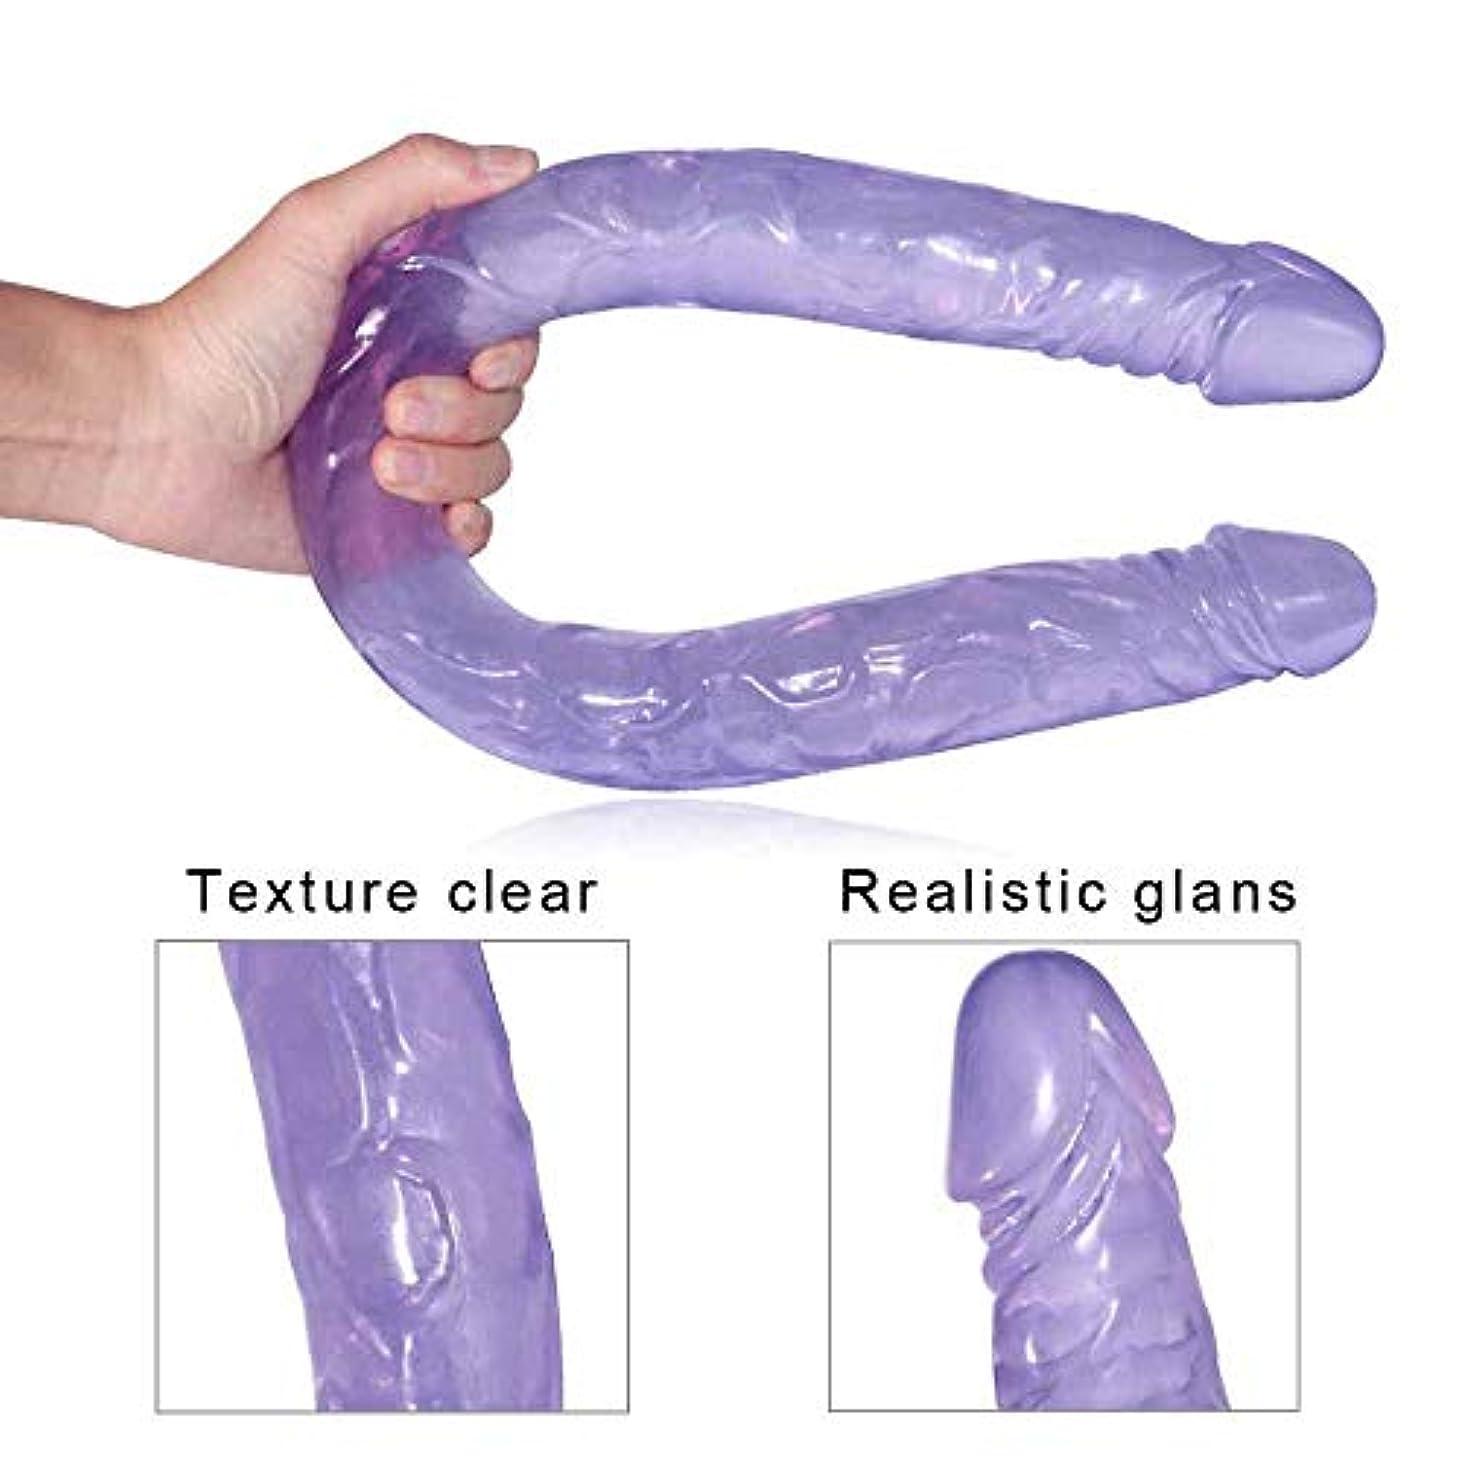 おいしいする必要があるおんどりペニス 21.65インチの長い両端は女性の健康材料のための女性の個人的な防水マッサージの杖に向かいました マッサージャー